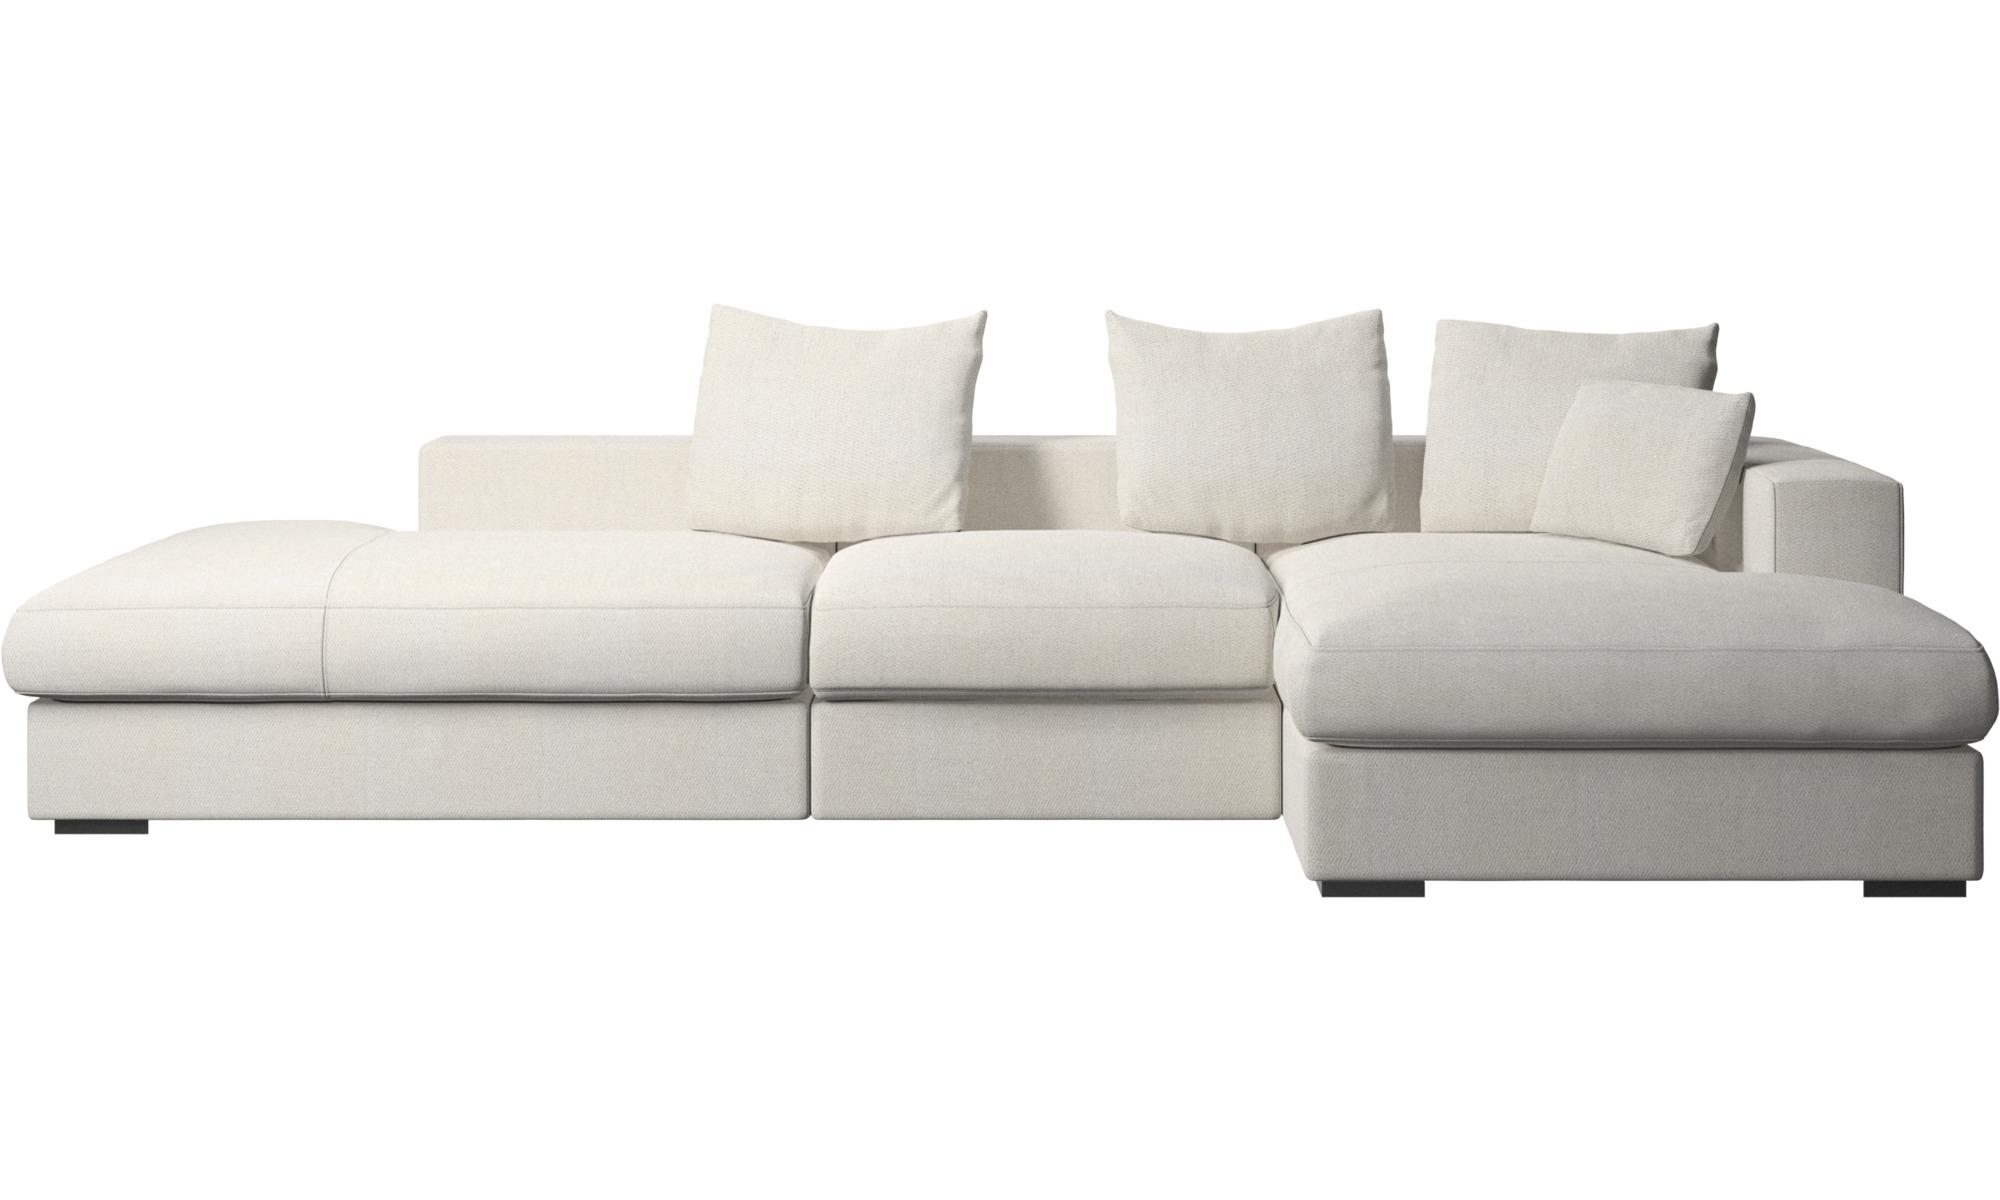 Full Size of Lounge Sofas Cenova Sofa Mit Und Ruhemodul Boconcept Elektrischer Sitztiefenverstellung Ikea Schlaffunktion Bezug Ecksofa Le Corbusier Esstisch Polsterreiniger Sofa Sofa Mit Abnehmbaren Bezug